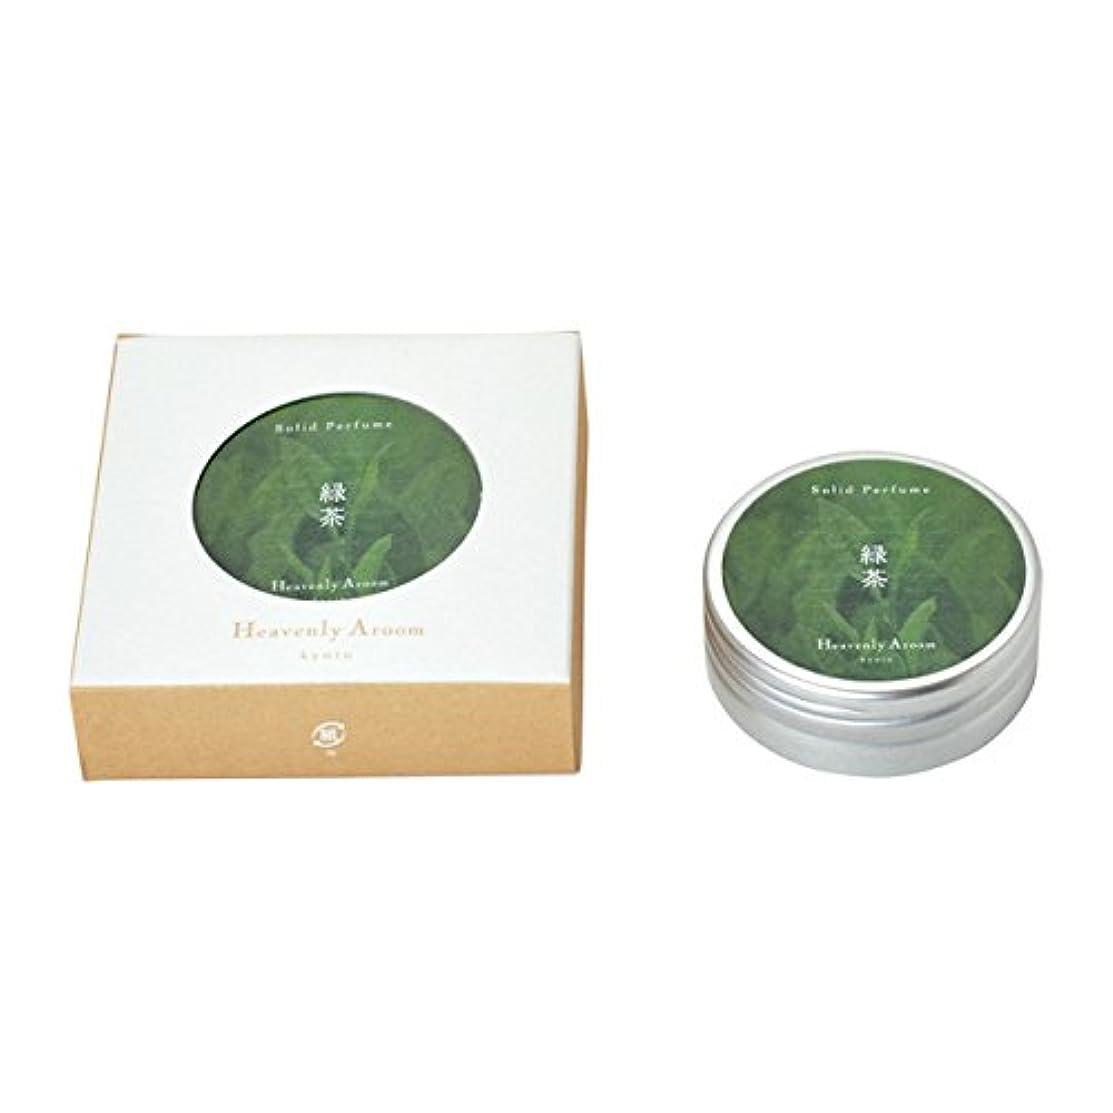 アーティファクトライナーリールHeavenly Aroom ソリッドパフューム 緑茶 15g